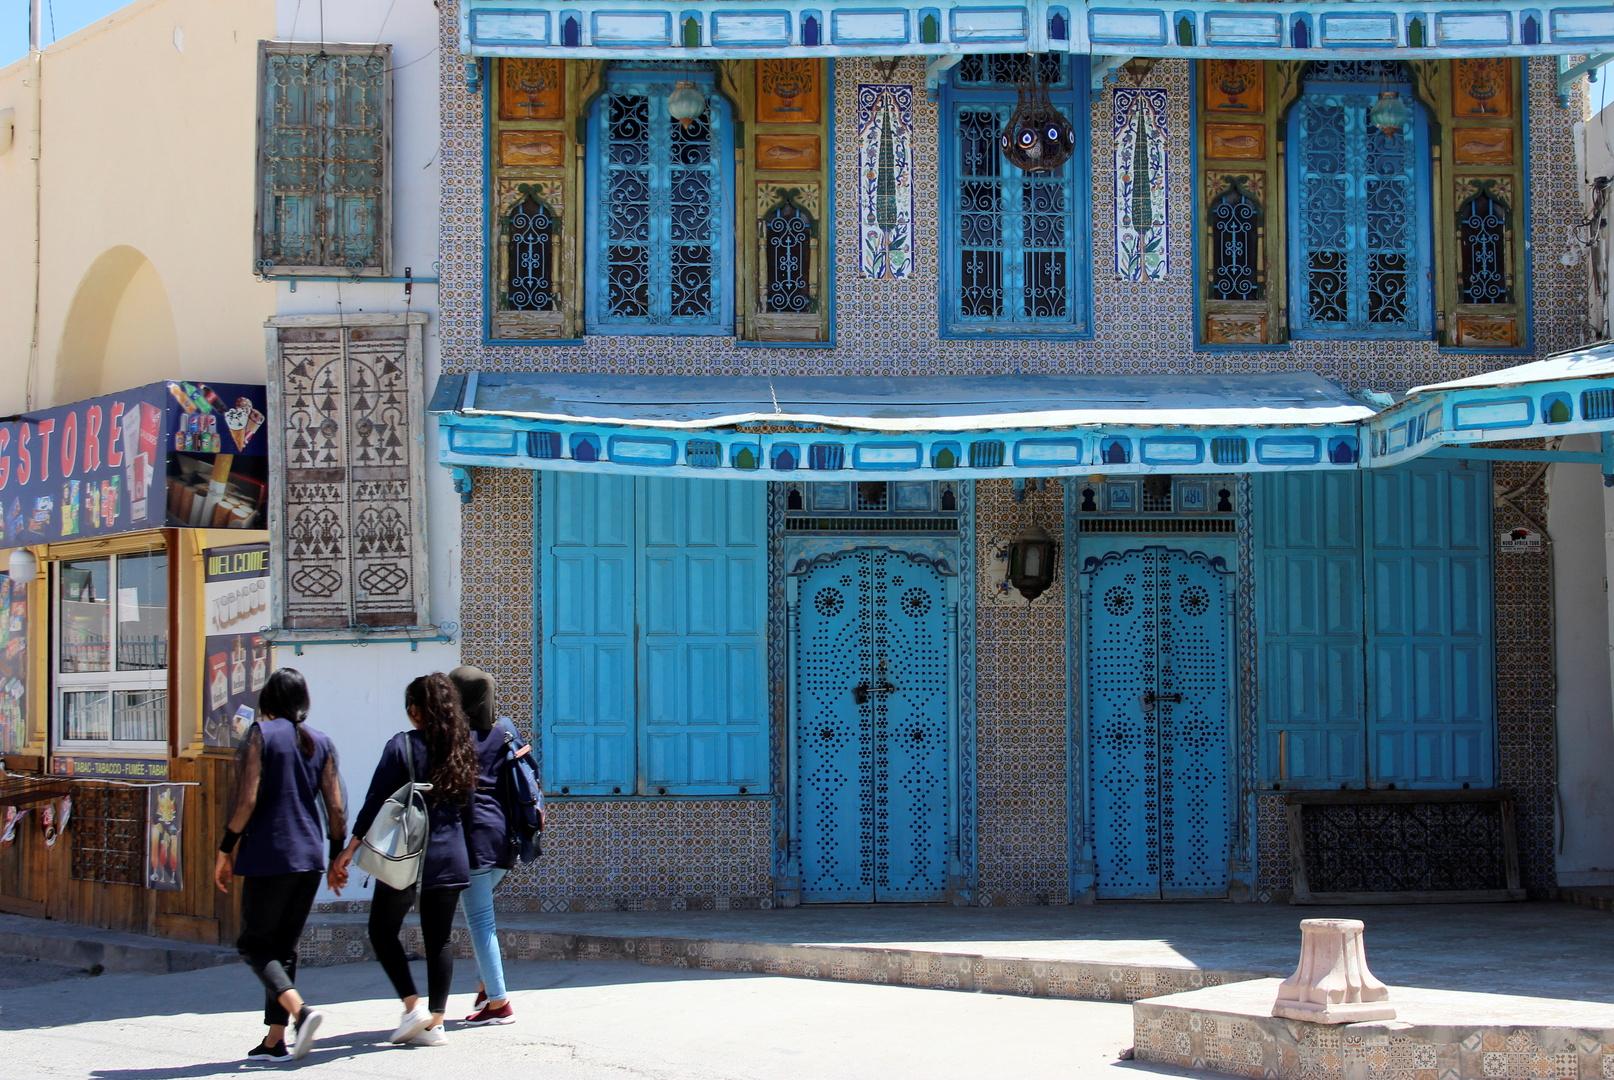 كورونا.. إغلاق جزئي في العاصمة تونس بعد حصيلة وفيات قياسية